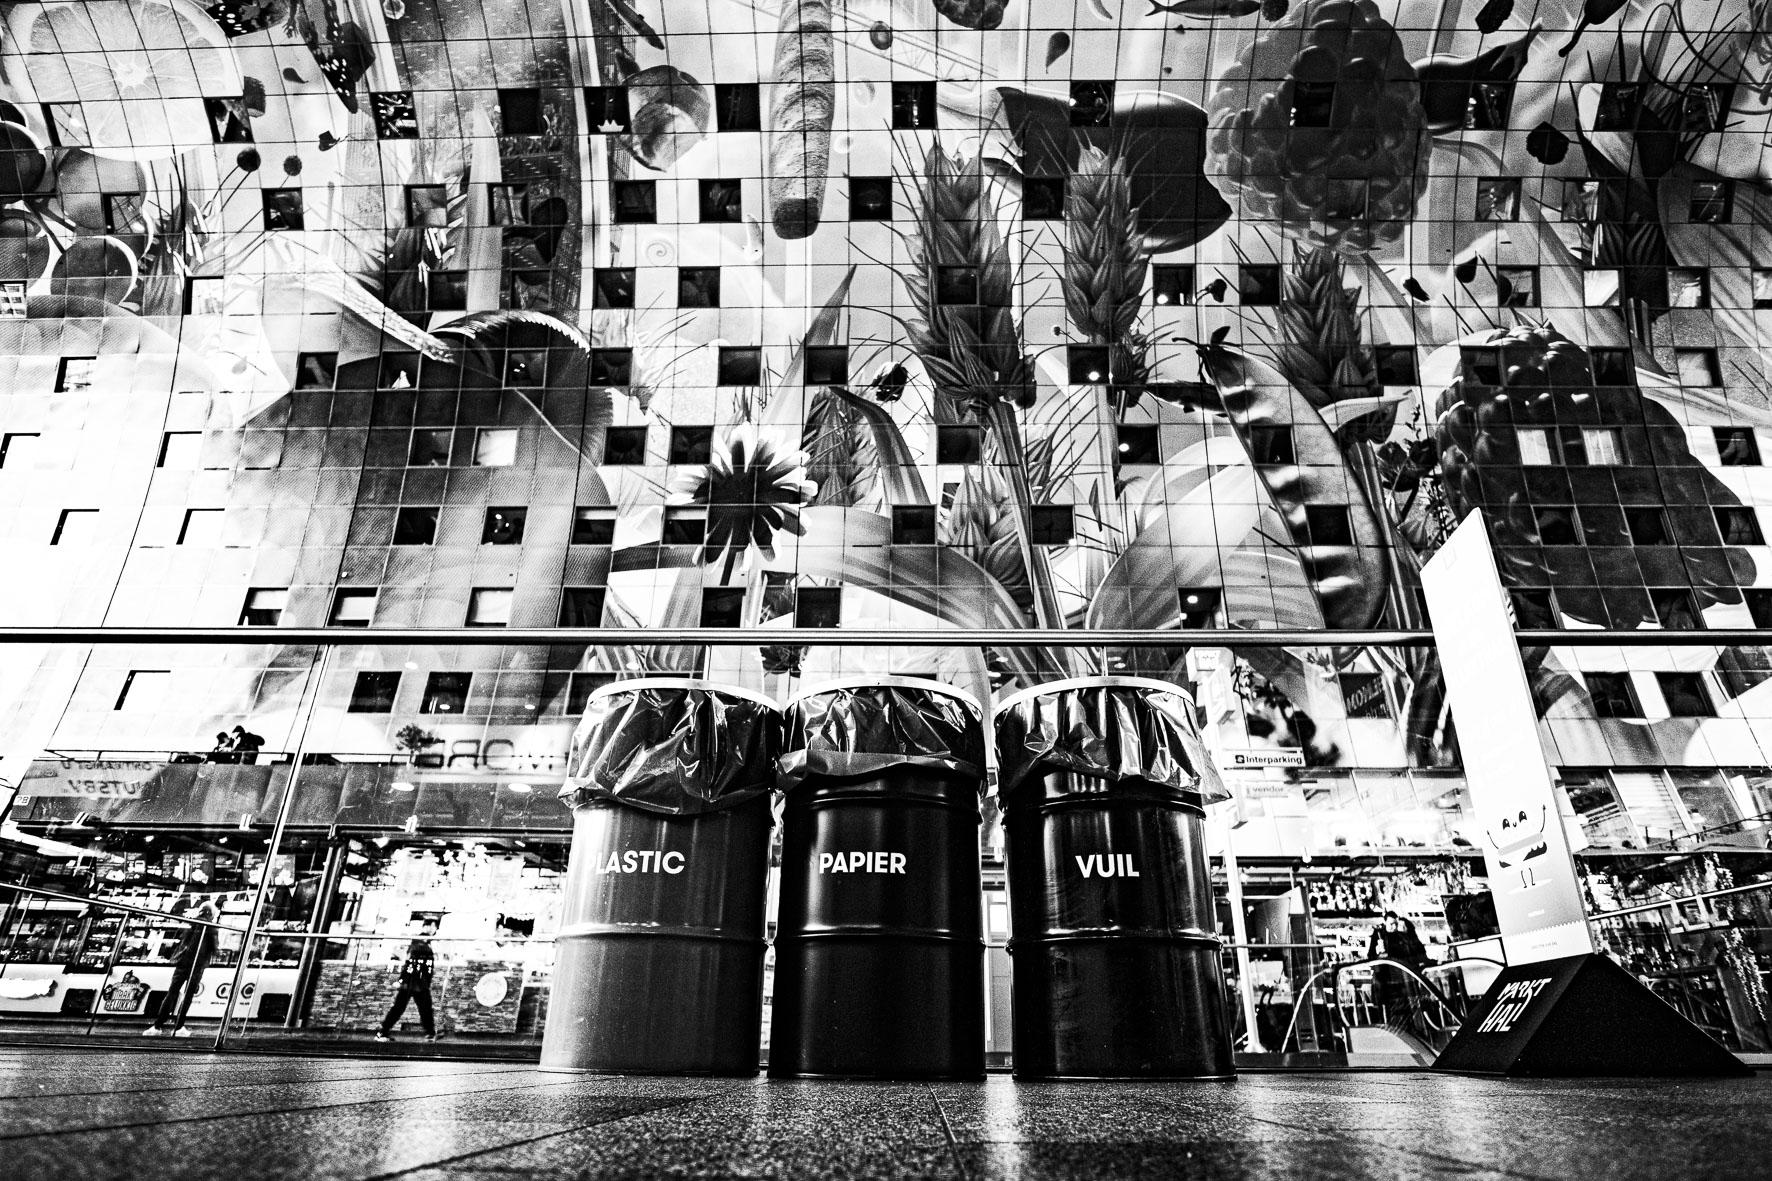 Rotterdam Market Hall recycling bins  ©martin_schitto @fotomartsch